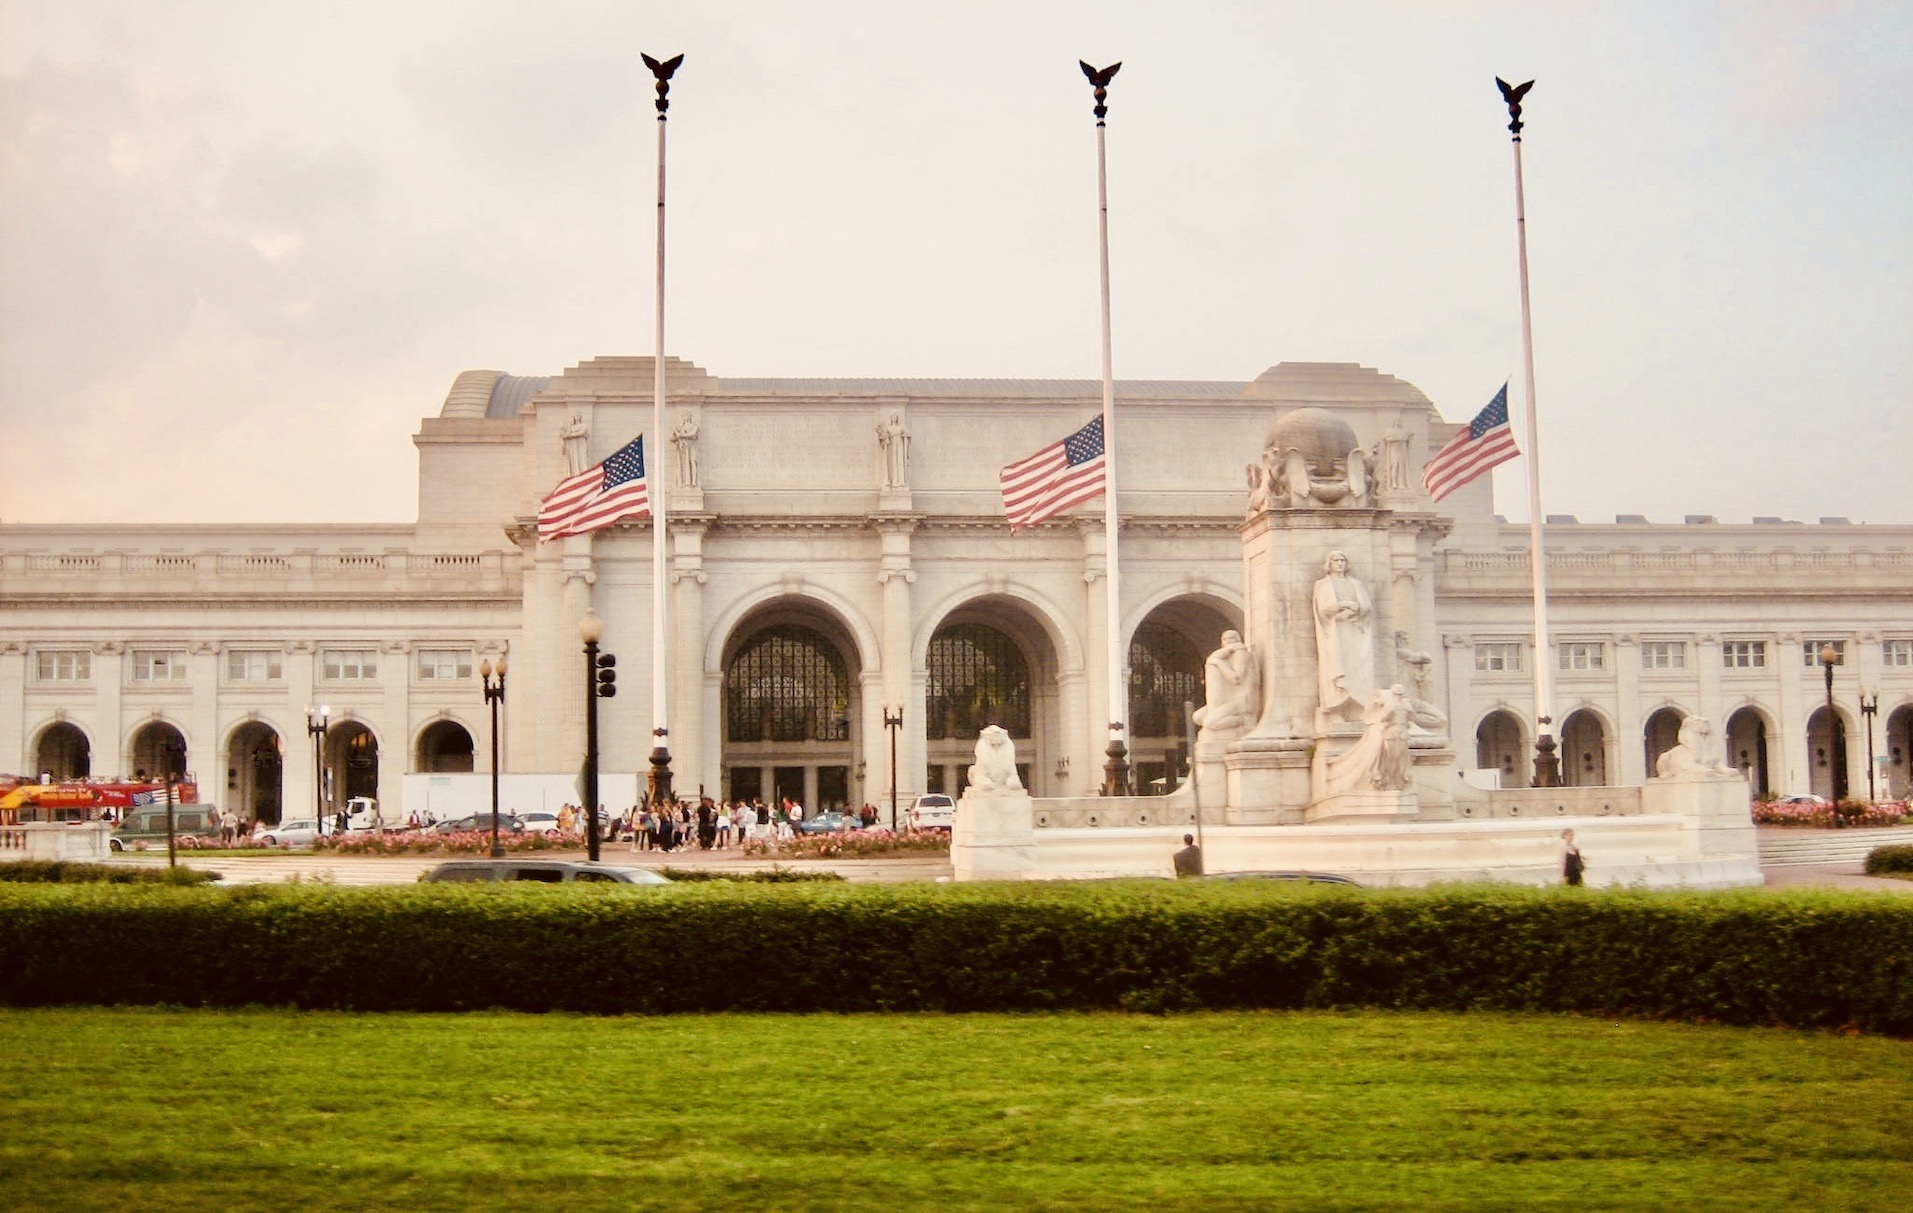 Union Station Washington DC.